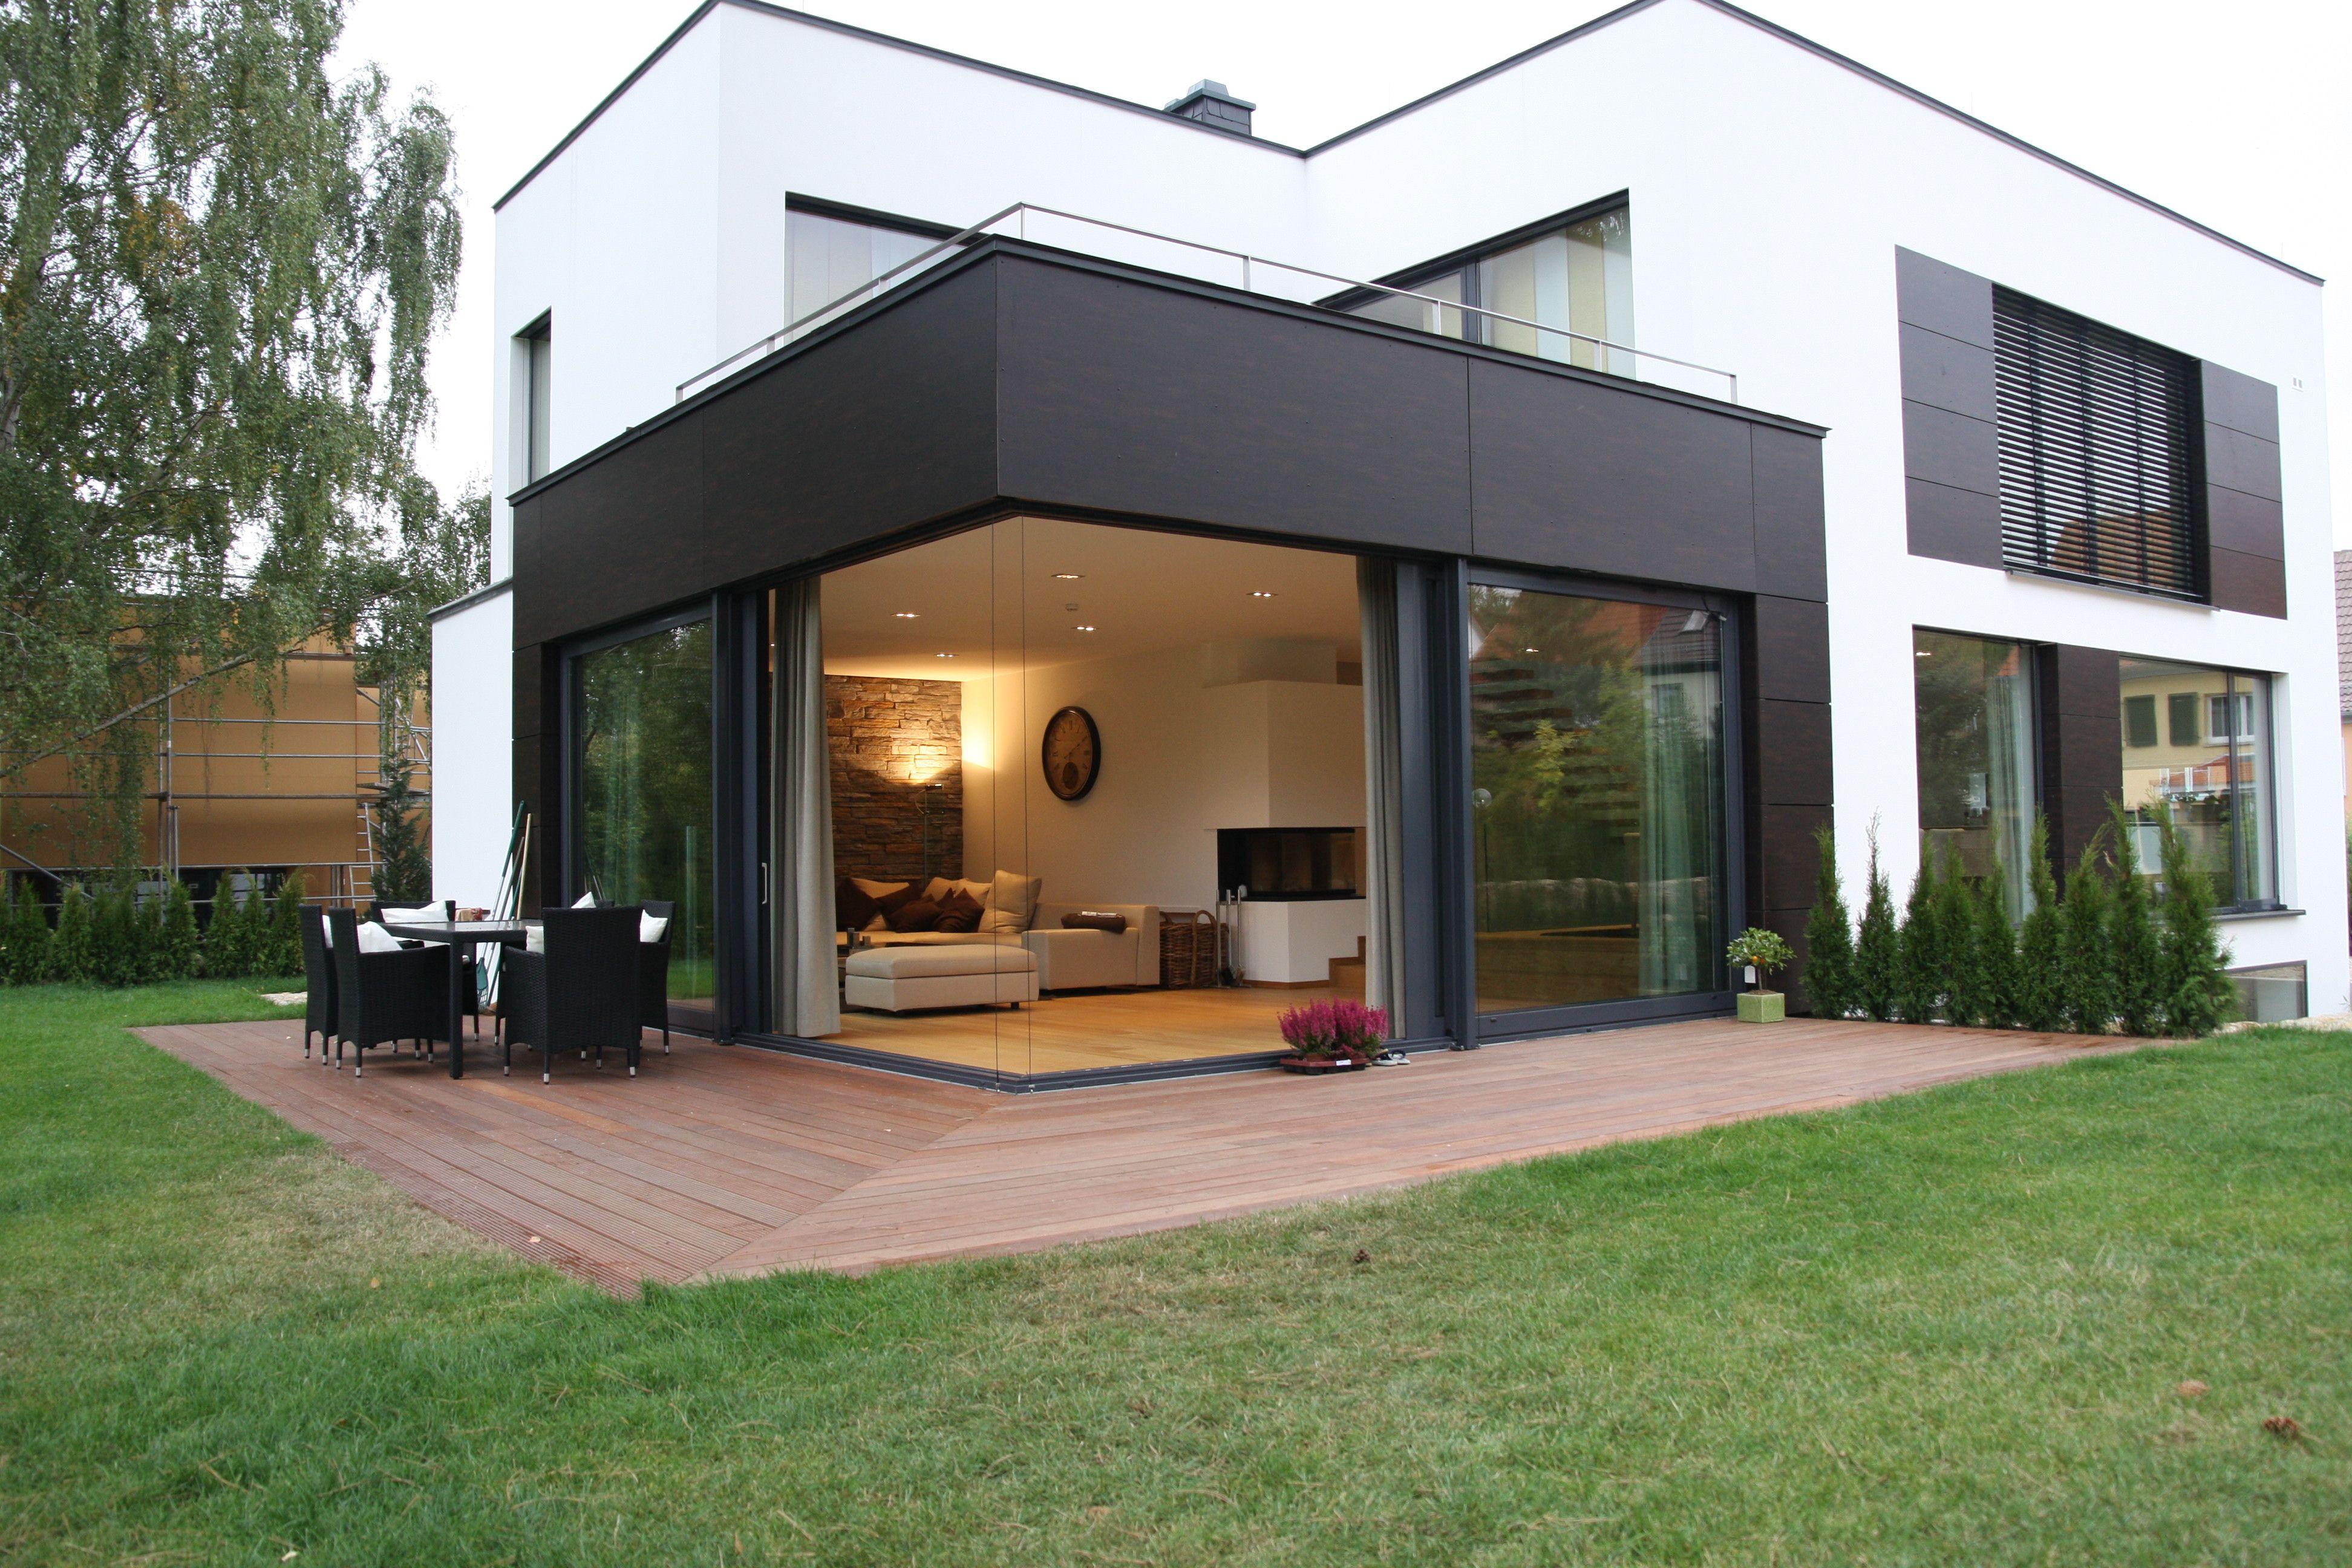 Hausbau moderner baustil  Blick von der Gartenseite | Extension ideas | Pinterest | Hausbau ...